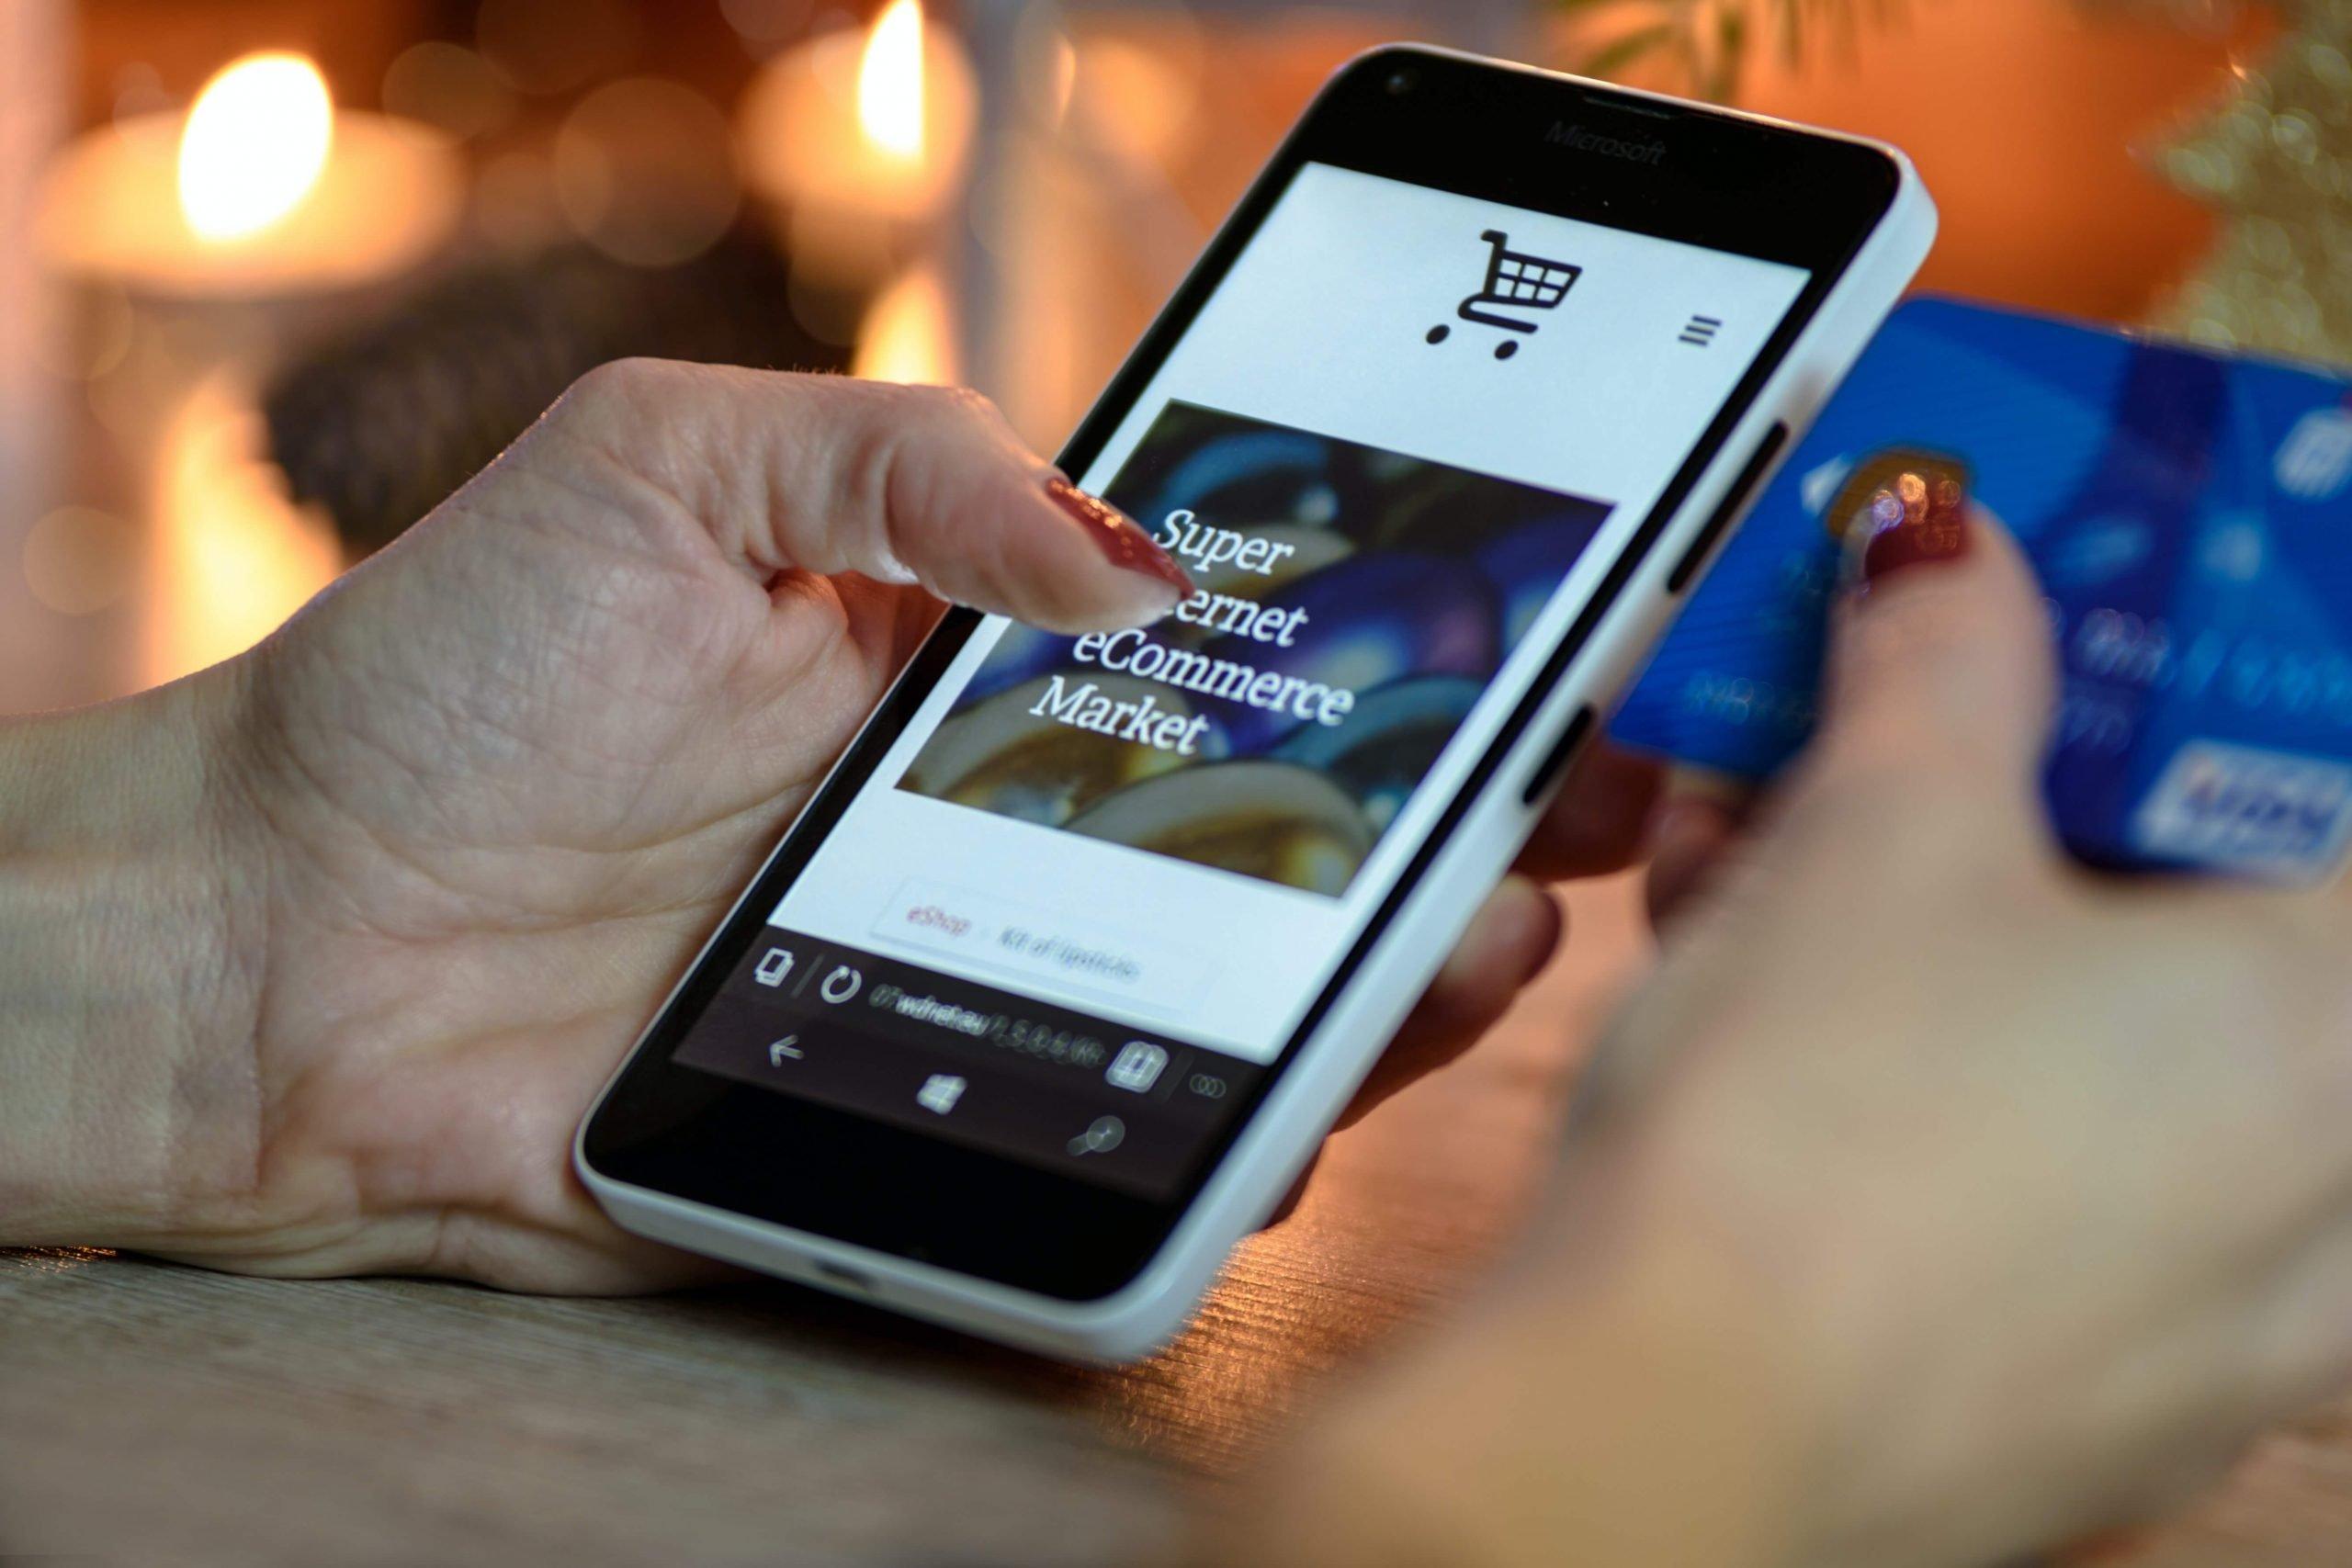 618購物節 疫情時代電商該如何行銷